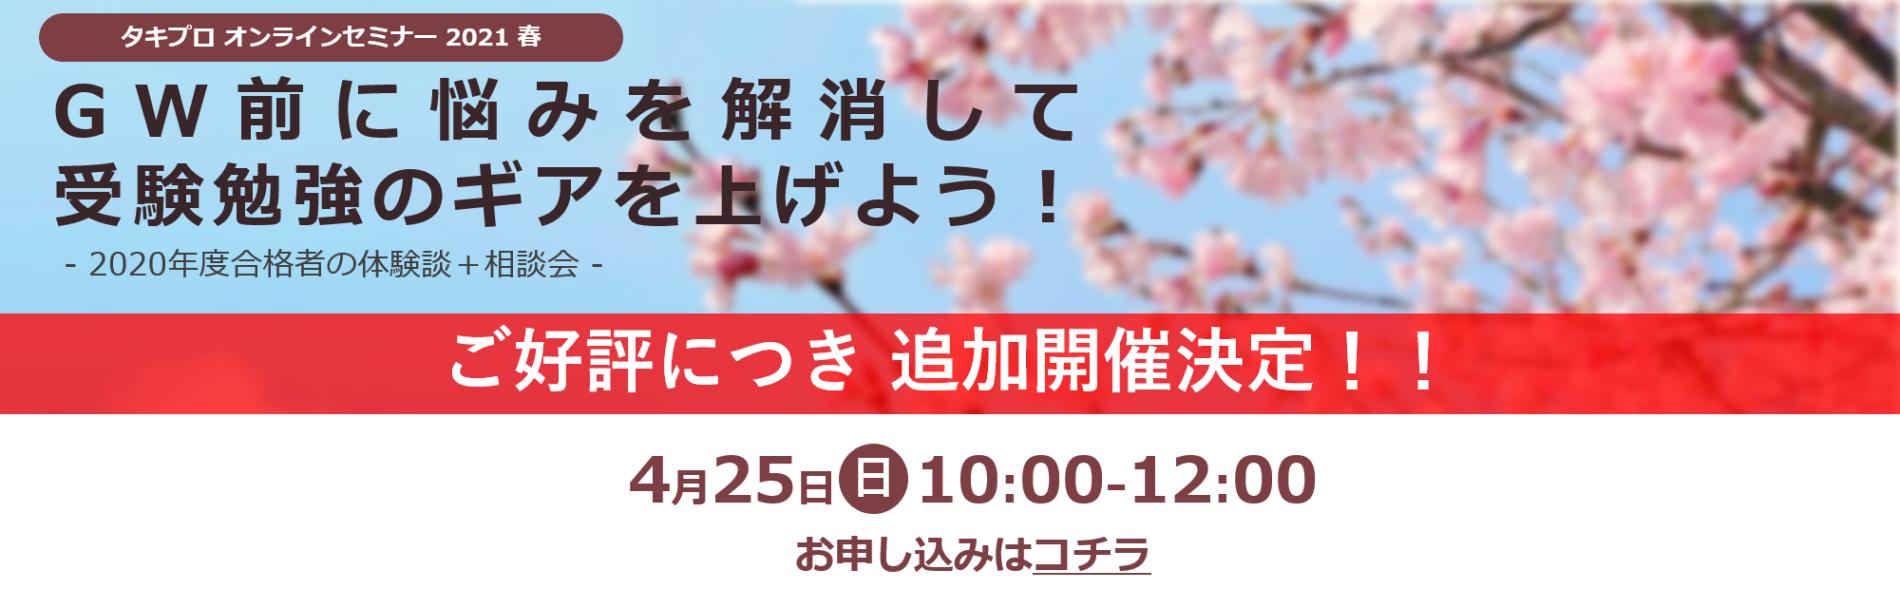 タキプロ・オンラインセミナー2021春